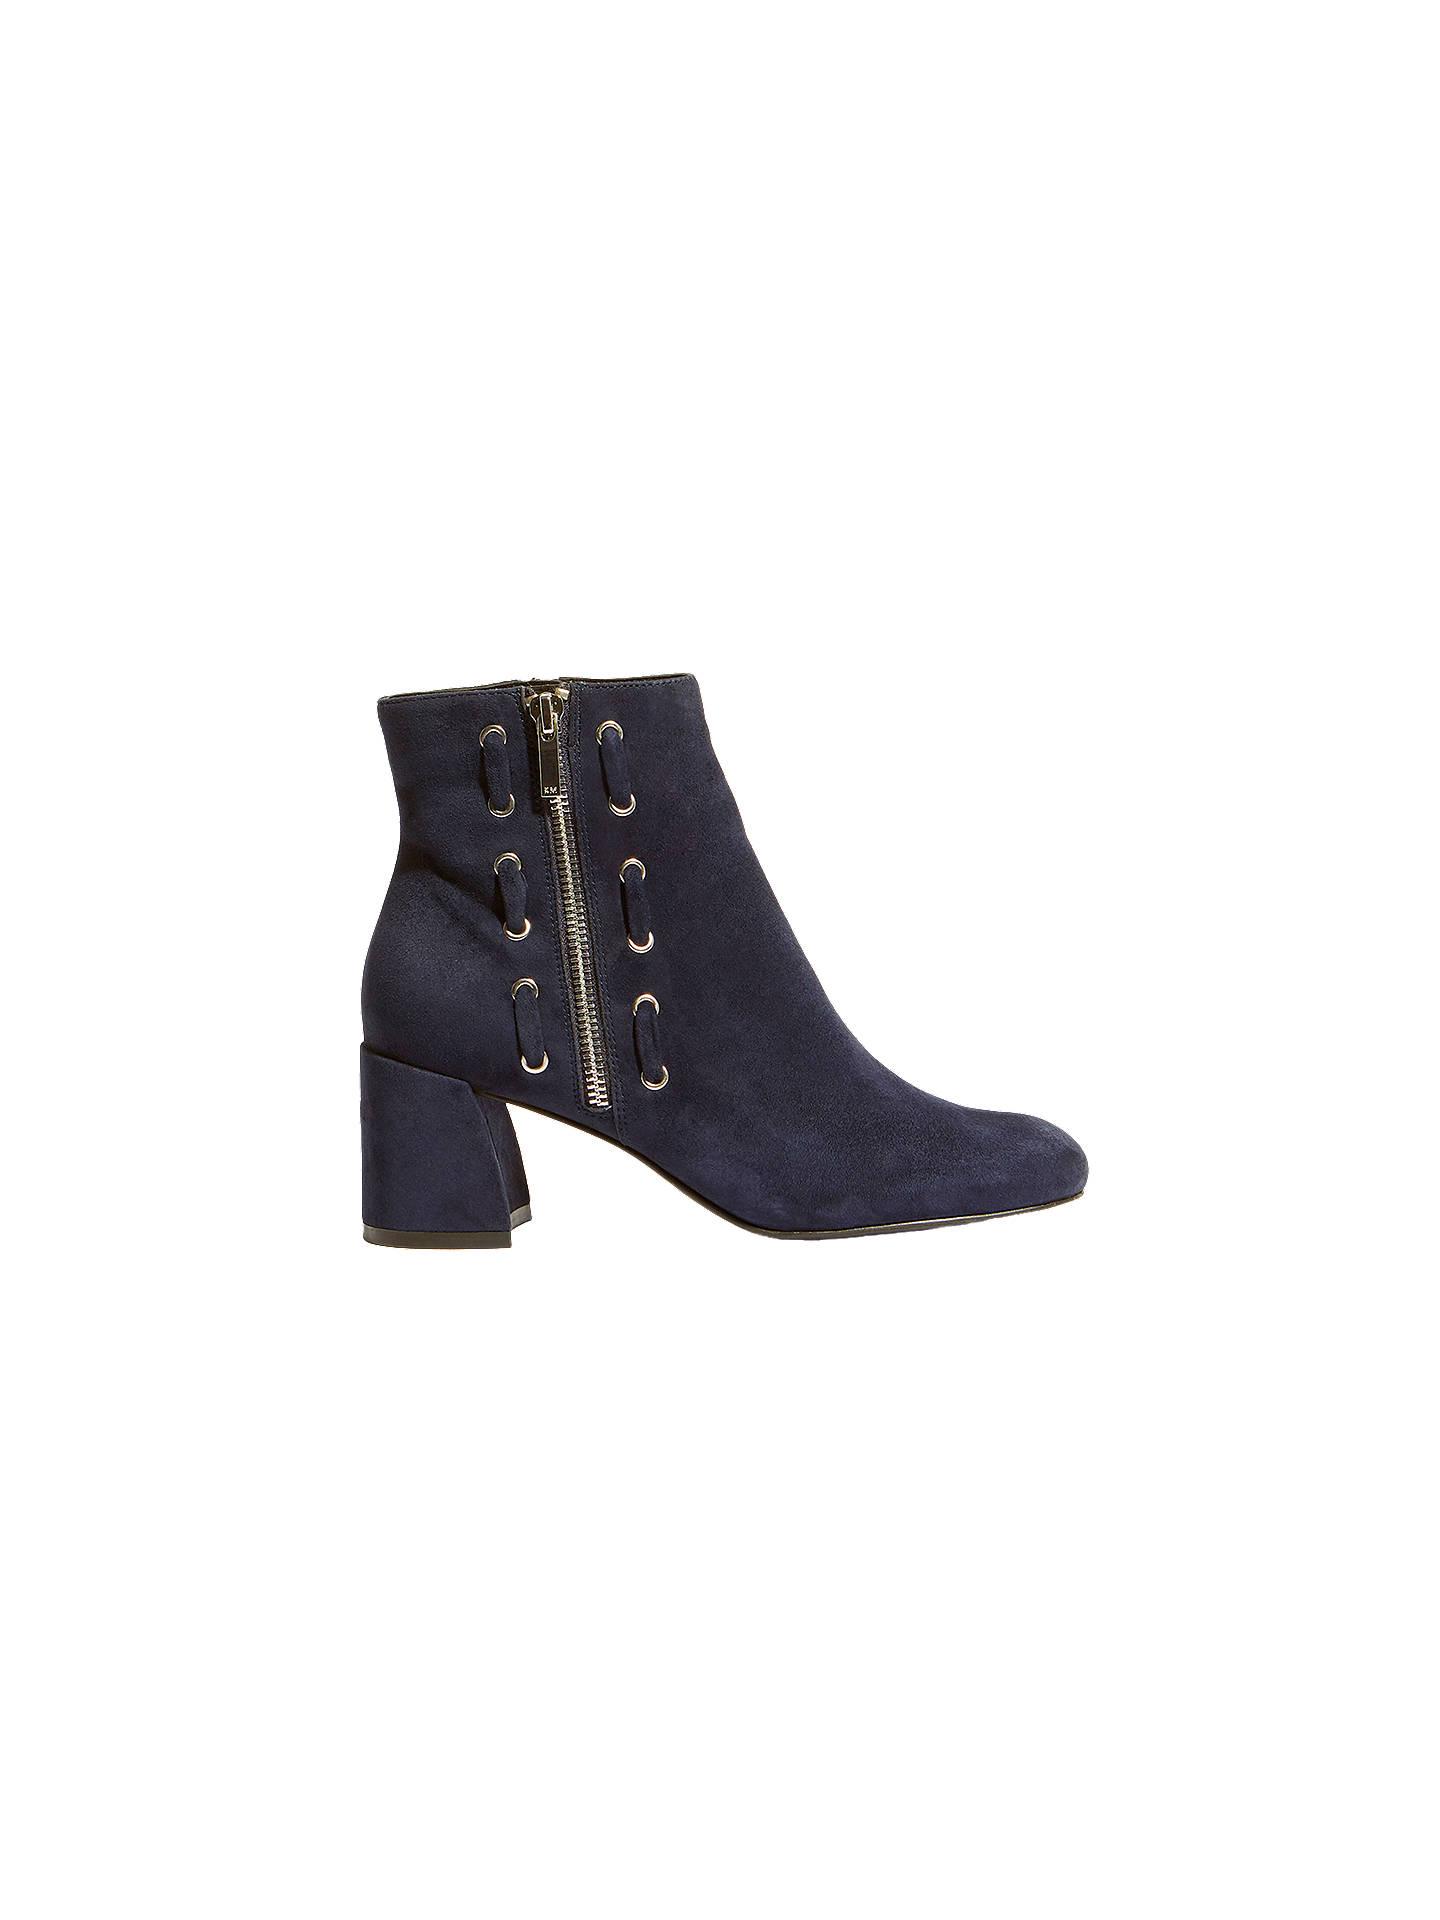 51216cc6b2b Buy Karen Millen Block Heel Ankle Boots